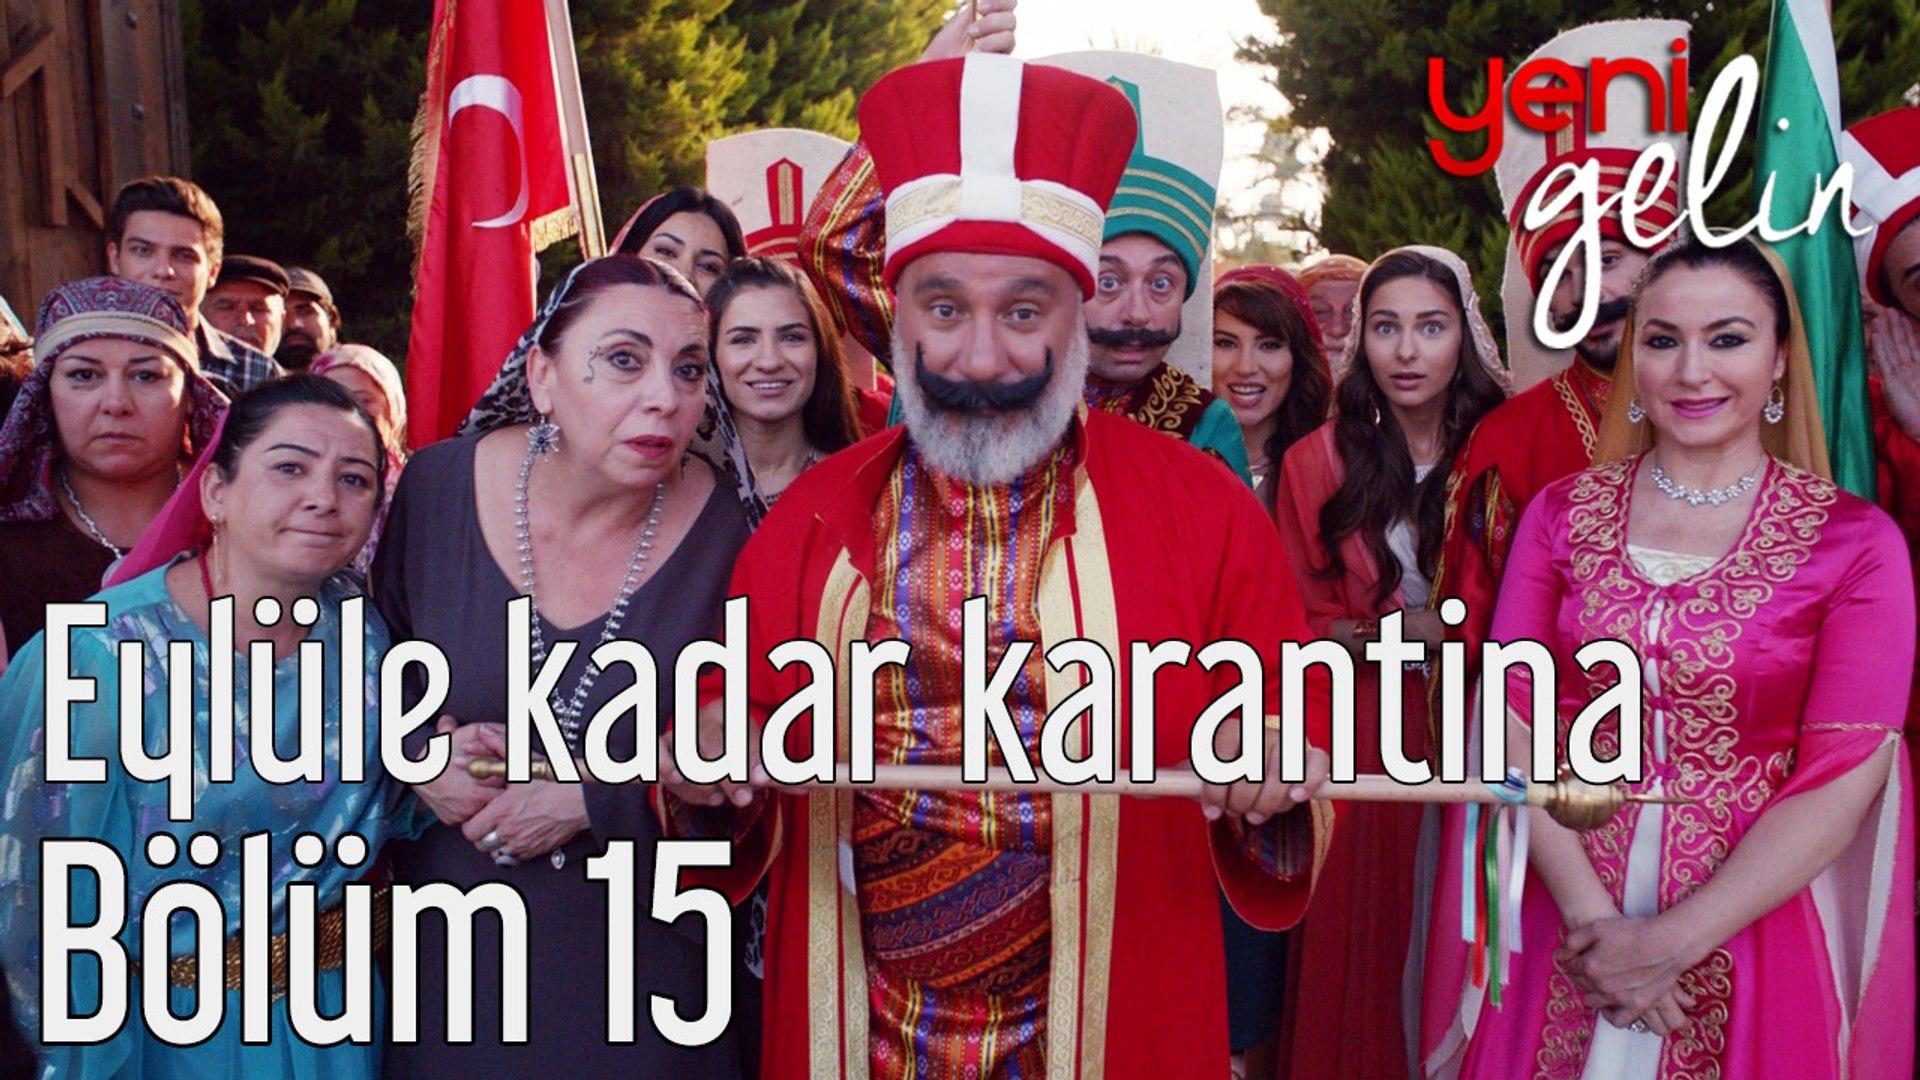 Yeni Gelin 15. Bölüm Eylül'e Kadar Karantina